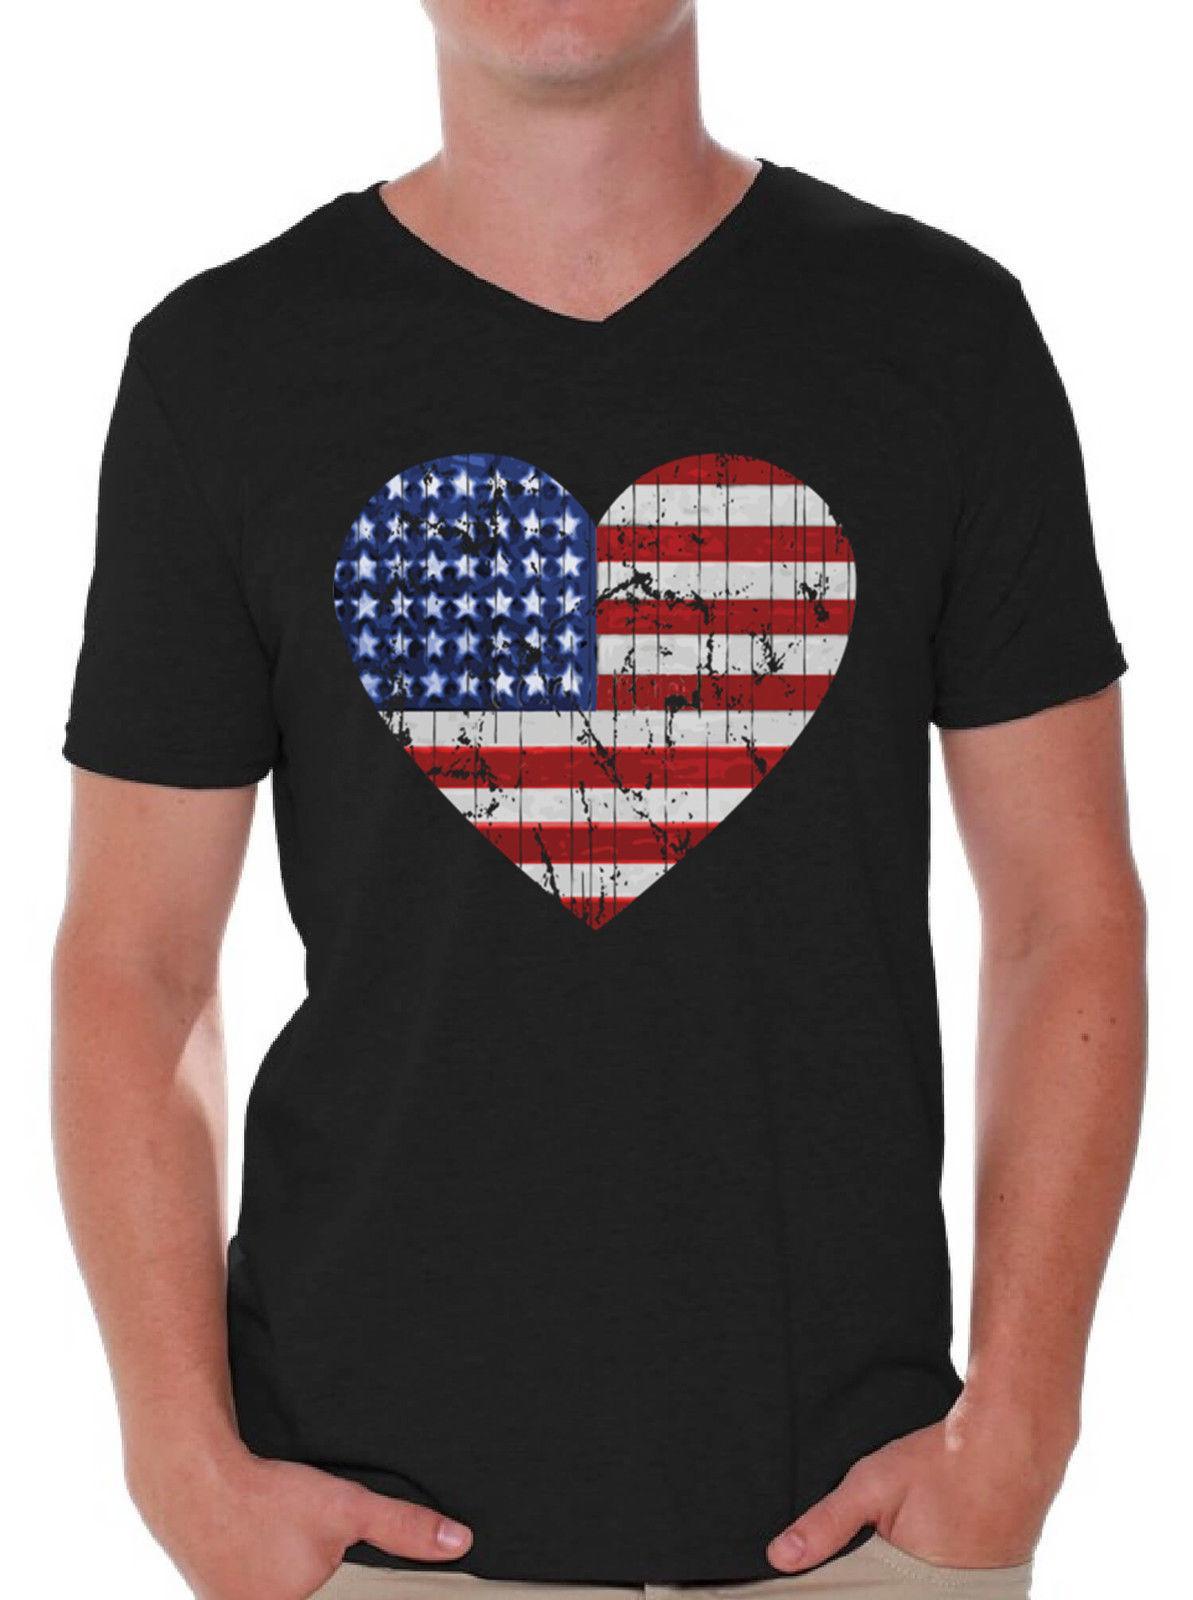 326a0d3ba56a USA Flag Heart Men s V-neck T Shirt USA Flag Vintage American Flag Cool  Xxxtentacion Marcus Discout Hot New Top T-shirt Suit Hat Pink RETRO VINTAGE  Discout ...